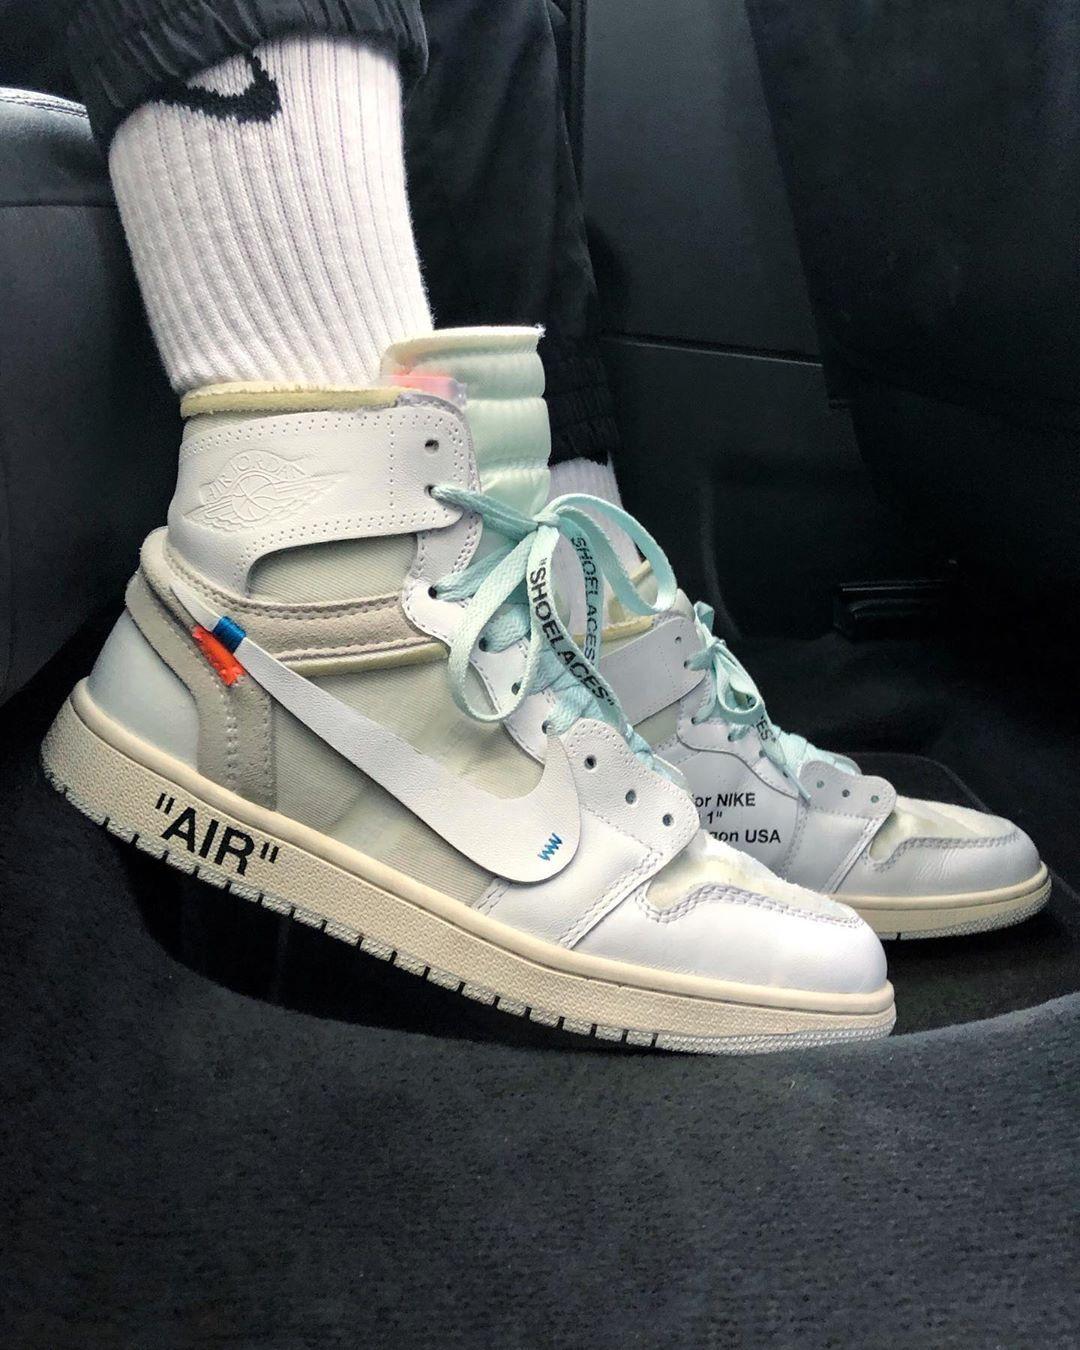 Air jordans, Jordan 1 white, Air jordan